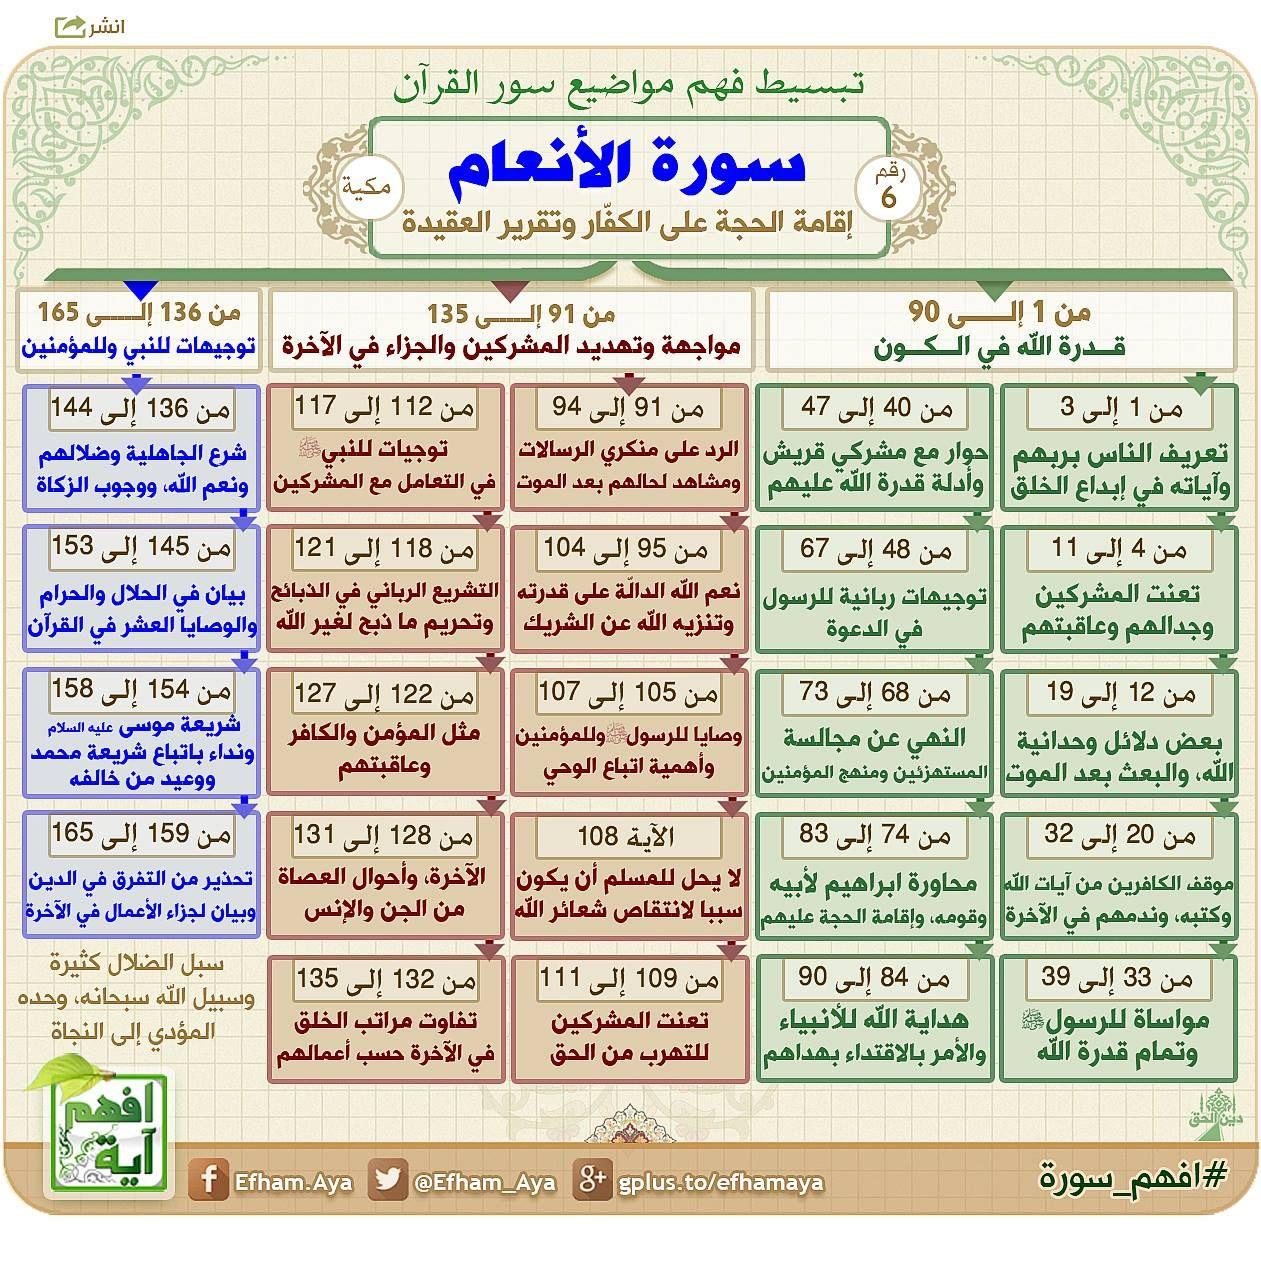 Pin By Maaryyyyam On أدعية Quran Recitation Quran Tafseer Learn Quran